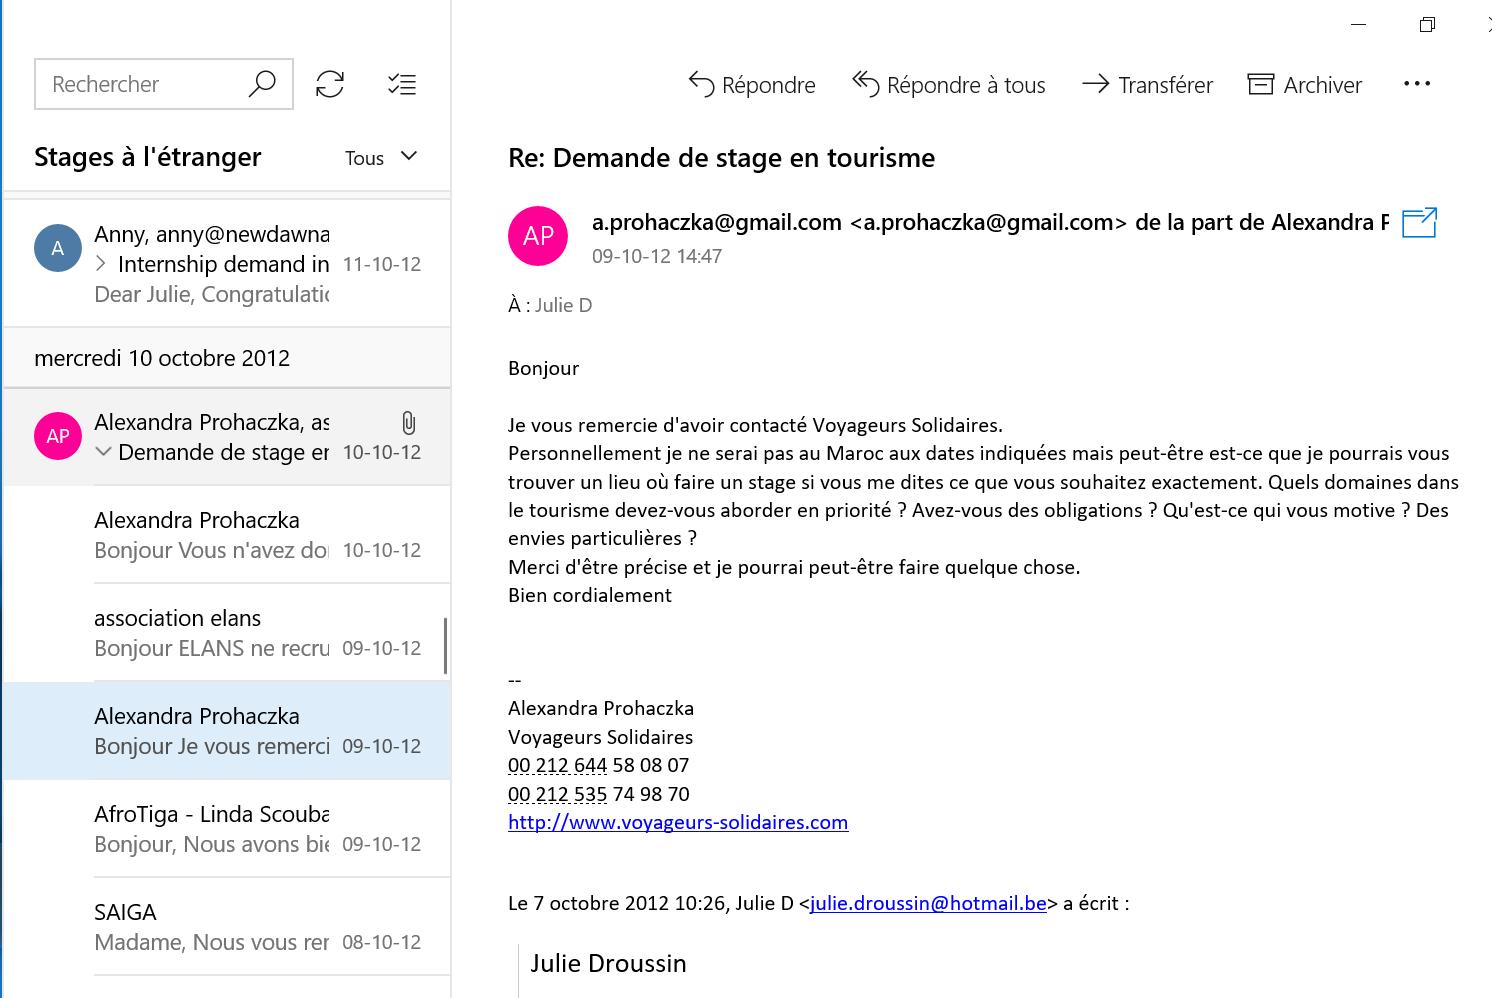 Recherche de stage à l'étranger email 3